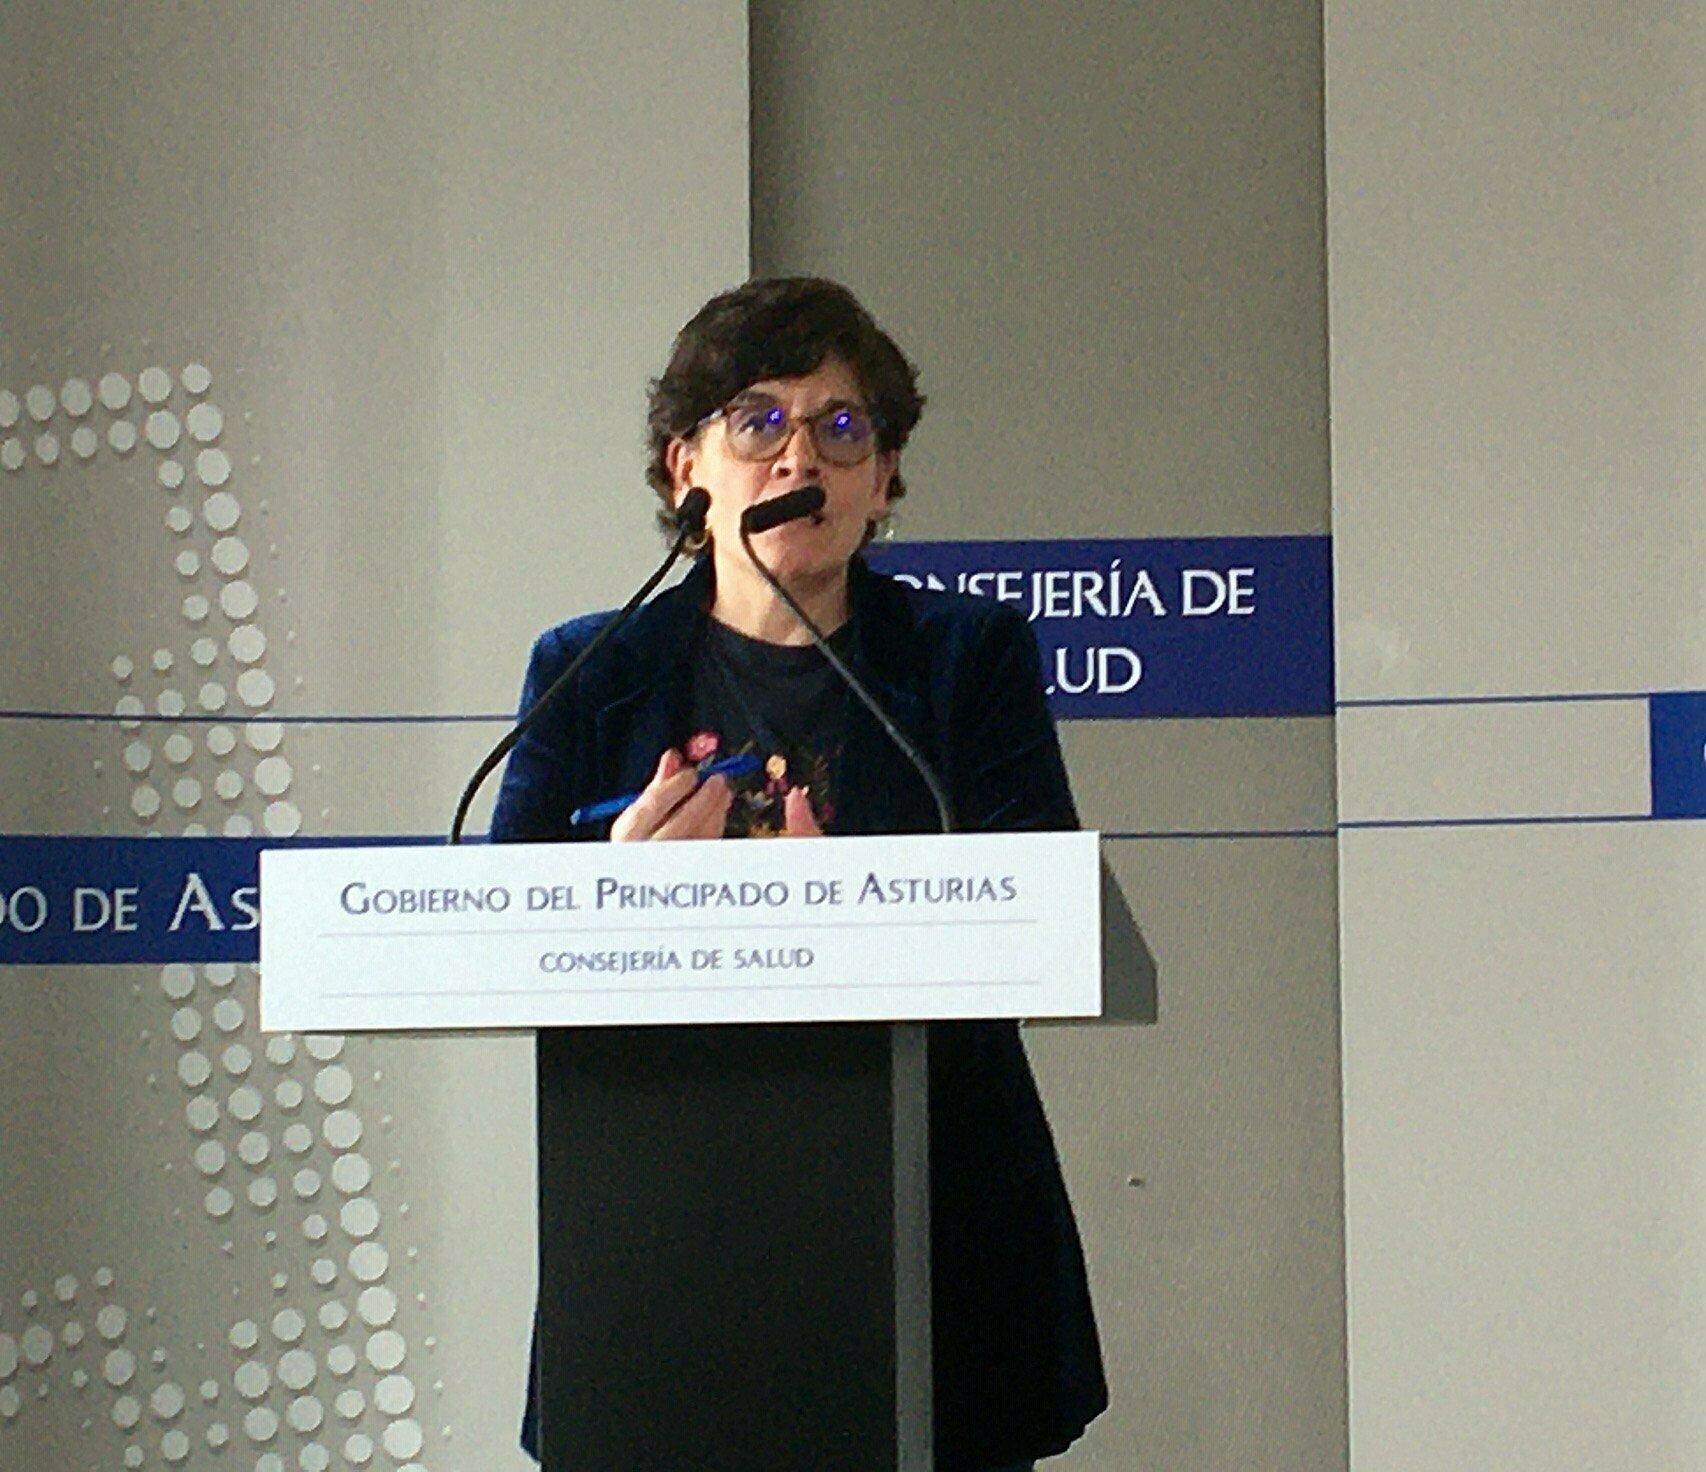 Se establecen limitaciones a las visitas de familiares en los hospitales públicos asturianos